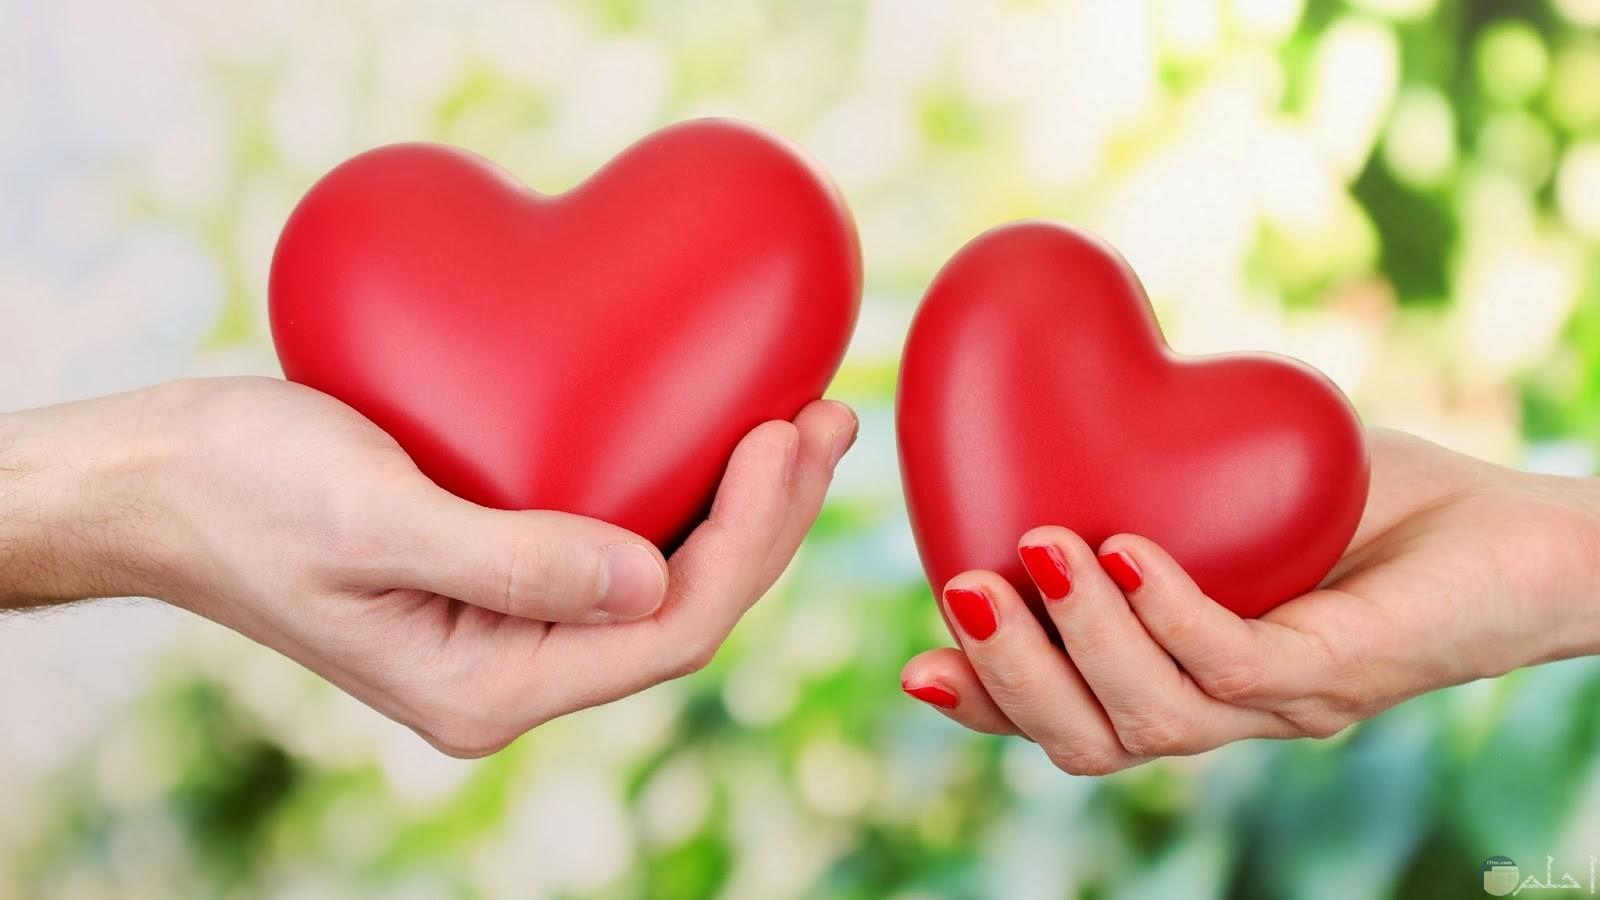 صورة قلبين يمسكهما رجل و فتاة.